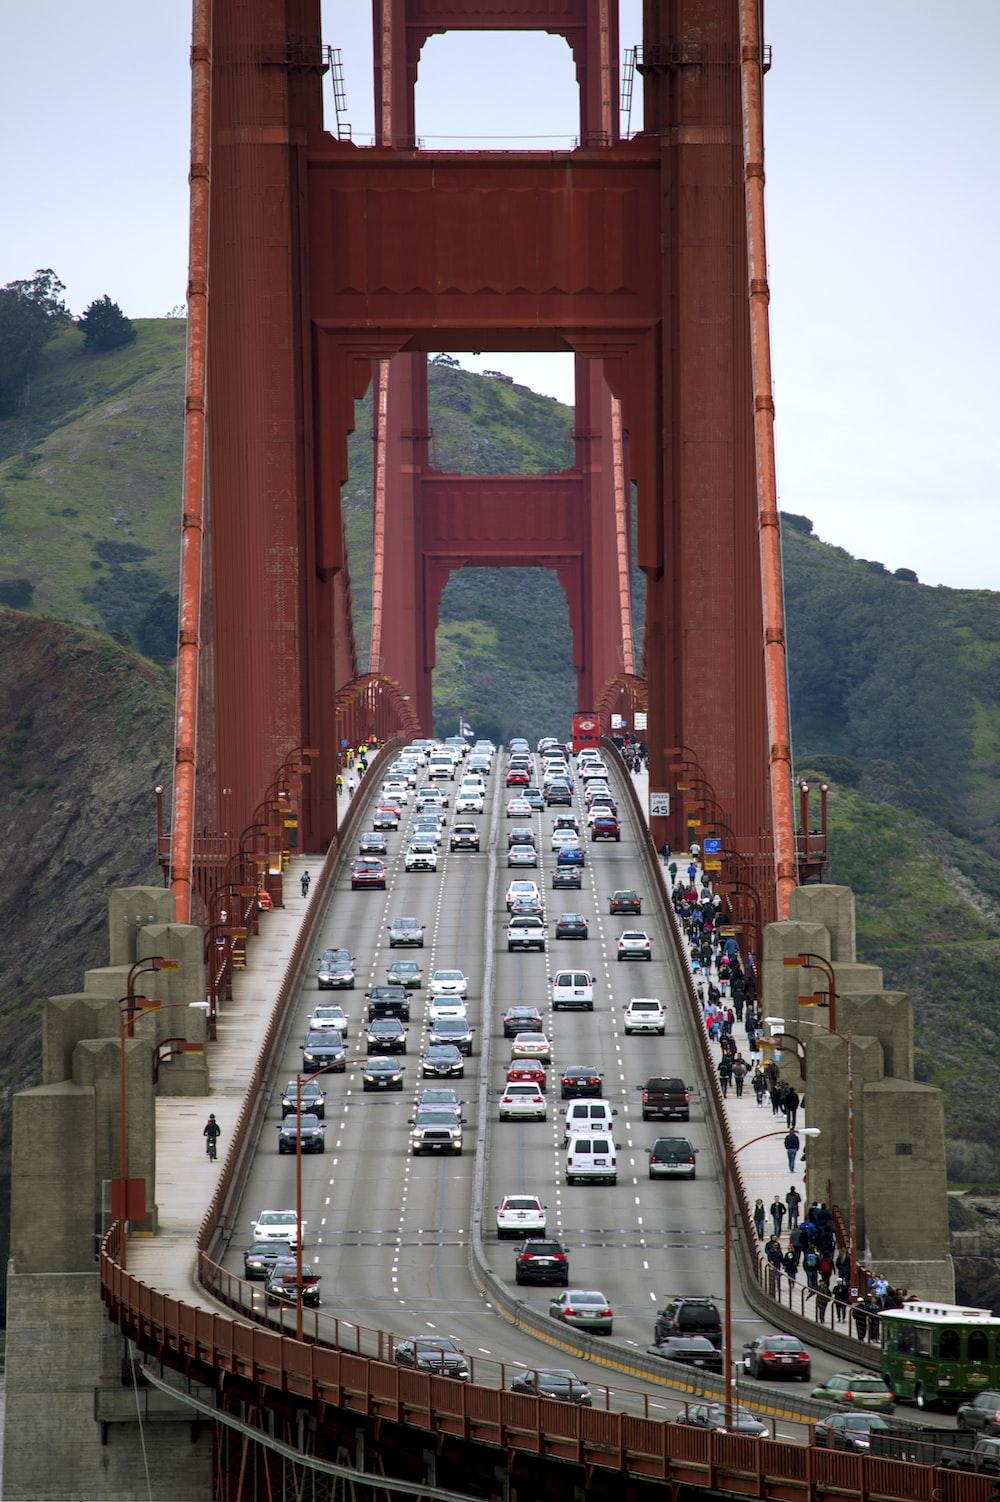 cars on bridge during daytime